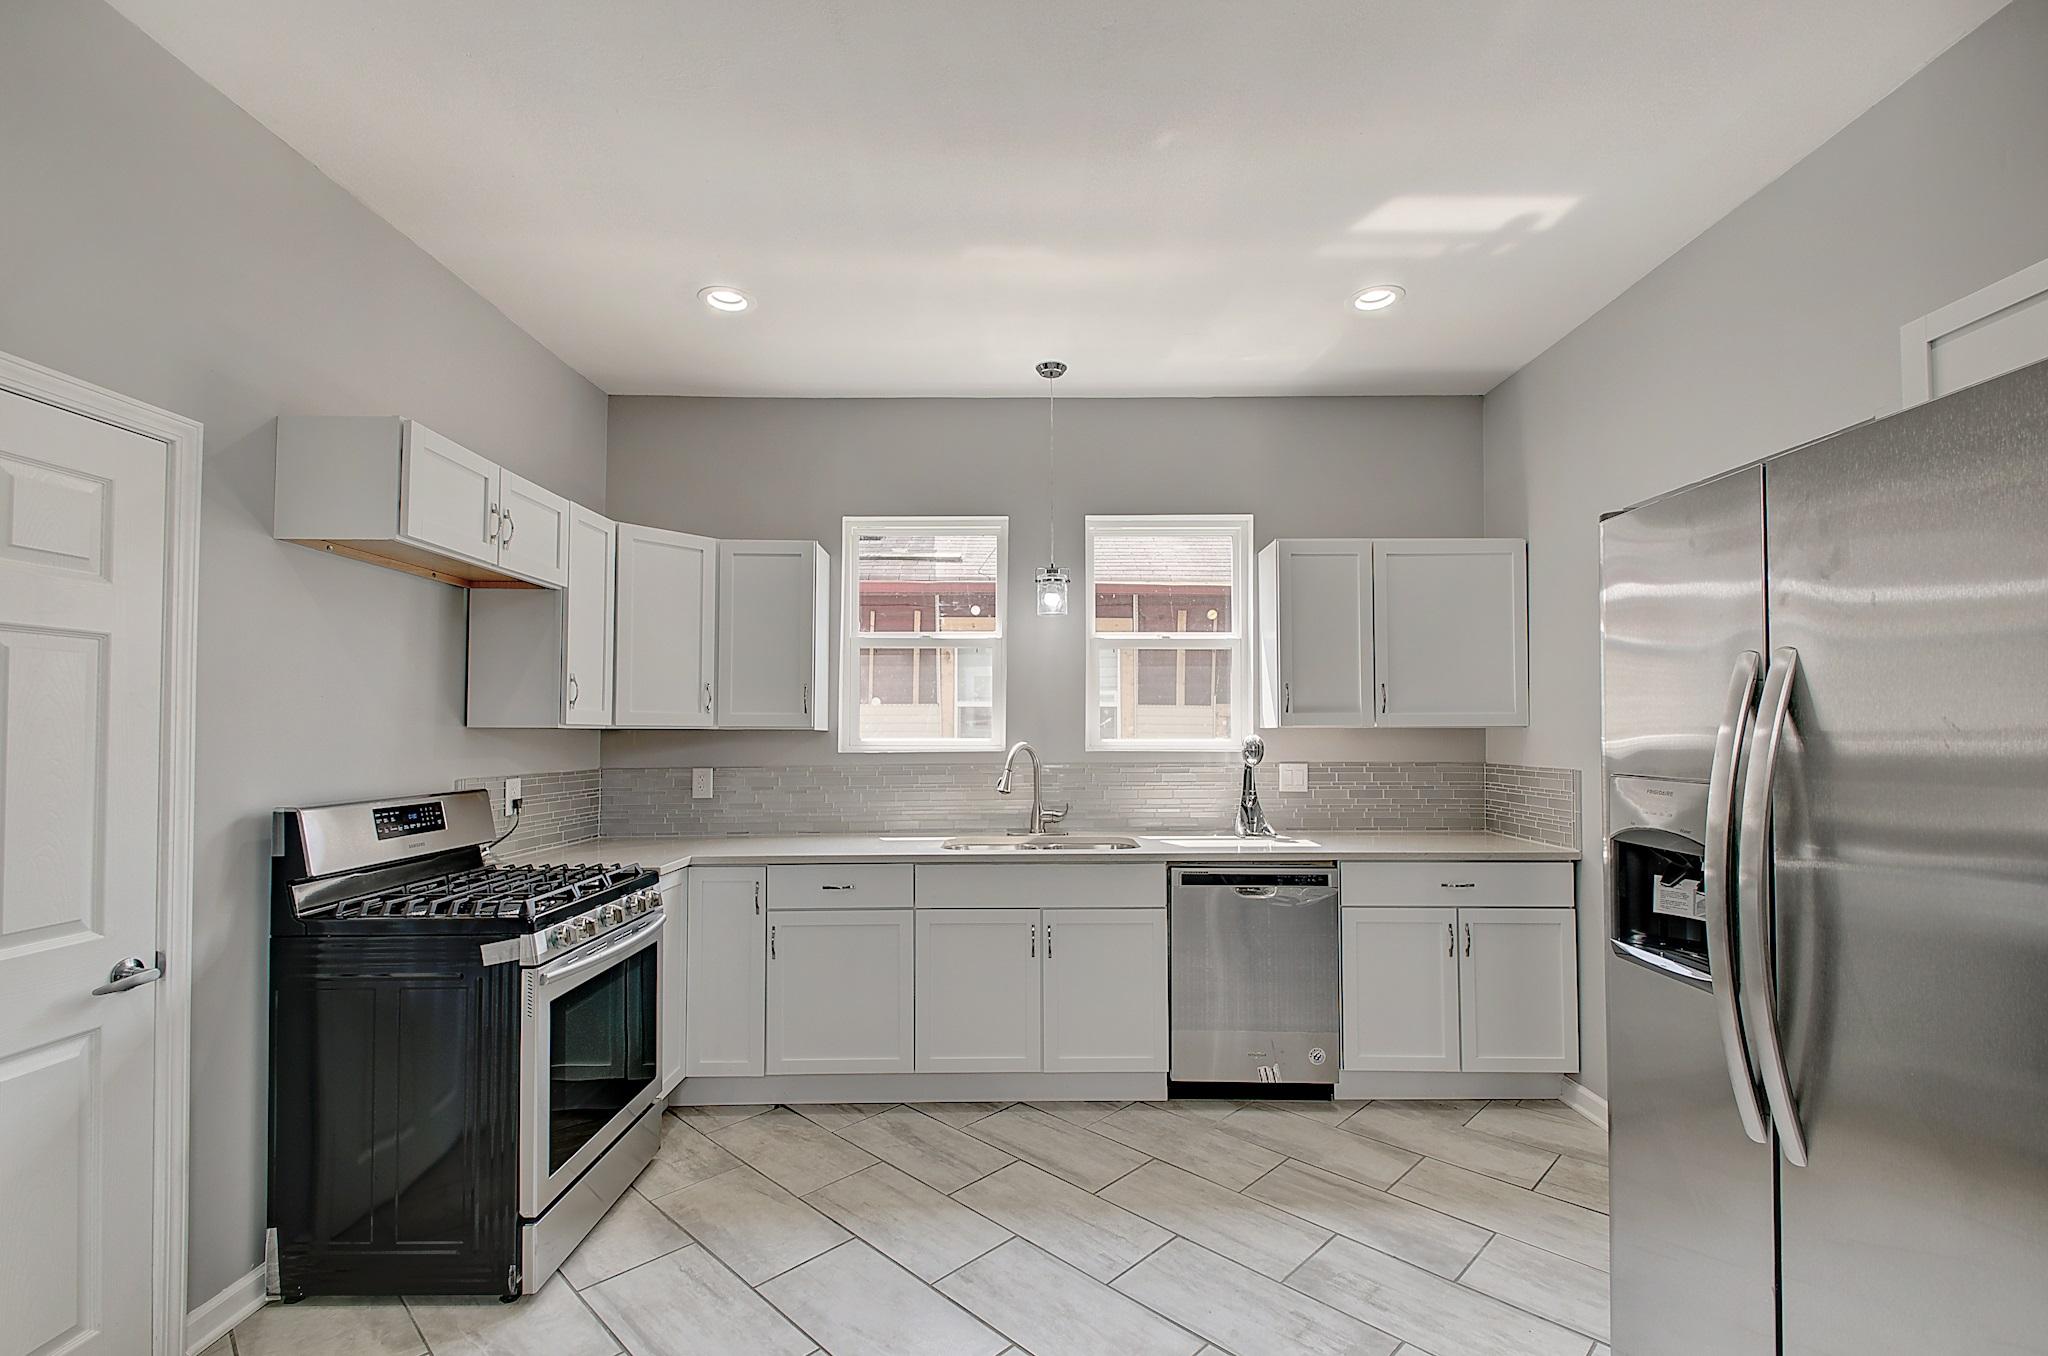 9-Kitchen View 3.jpg